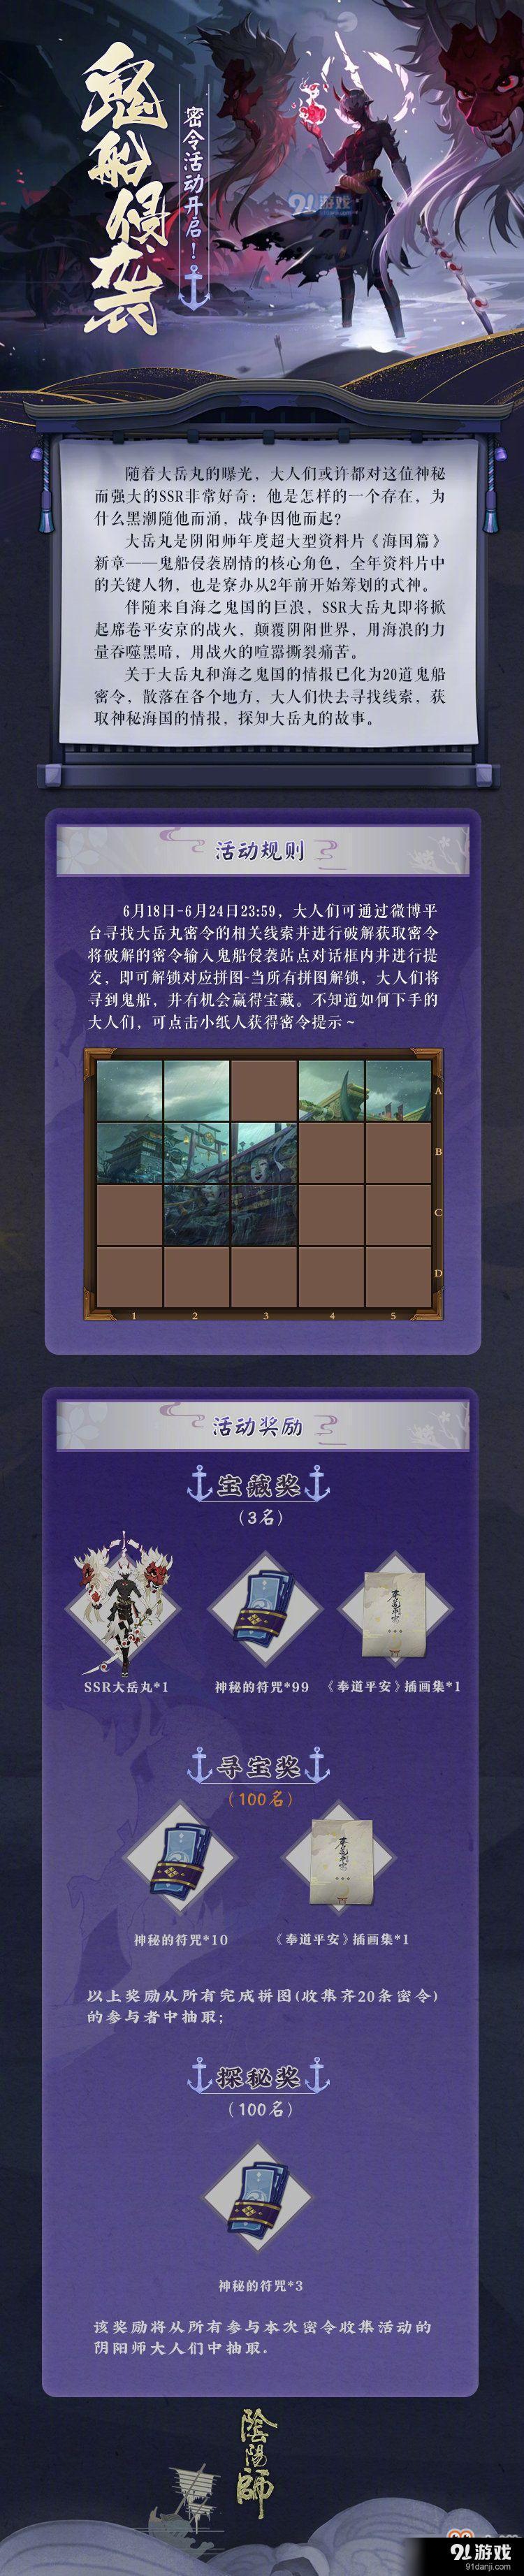 阴阳师搜寻鬼船密令活动怎么样 活动玩法及规则介绍